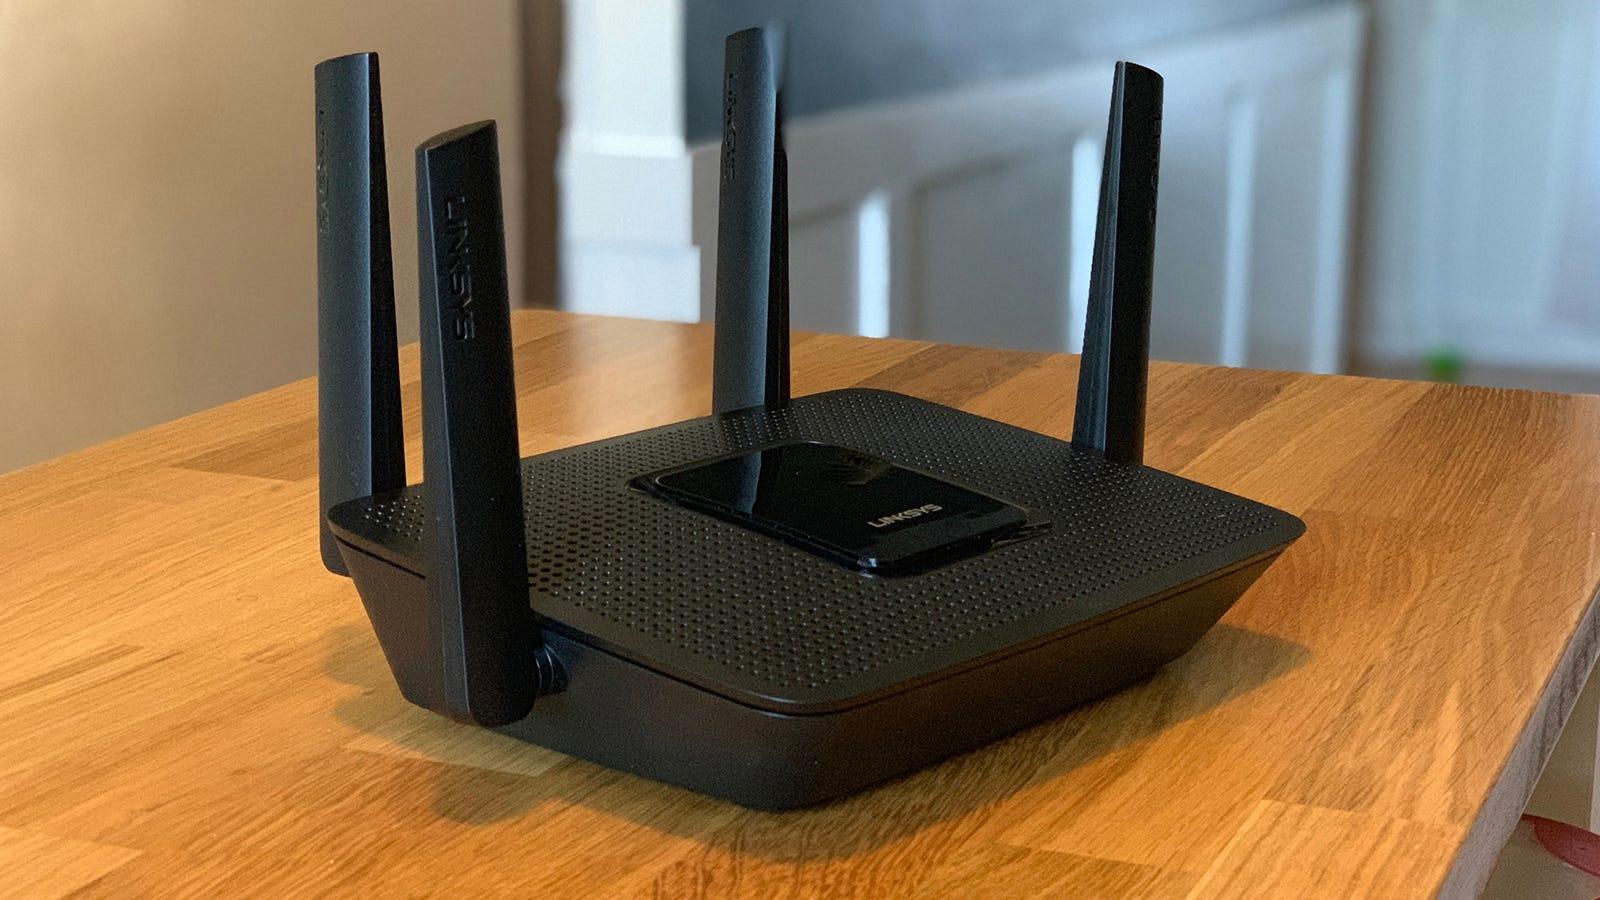 Linksys MR8300 Router Review: Vernetztes WLAN für erfahrene Benutzer